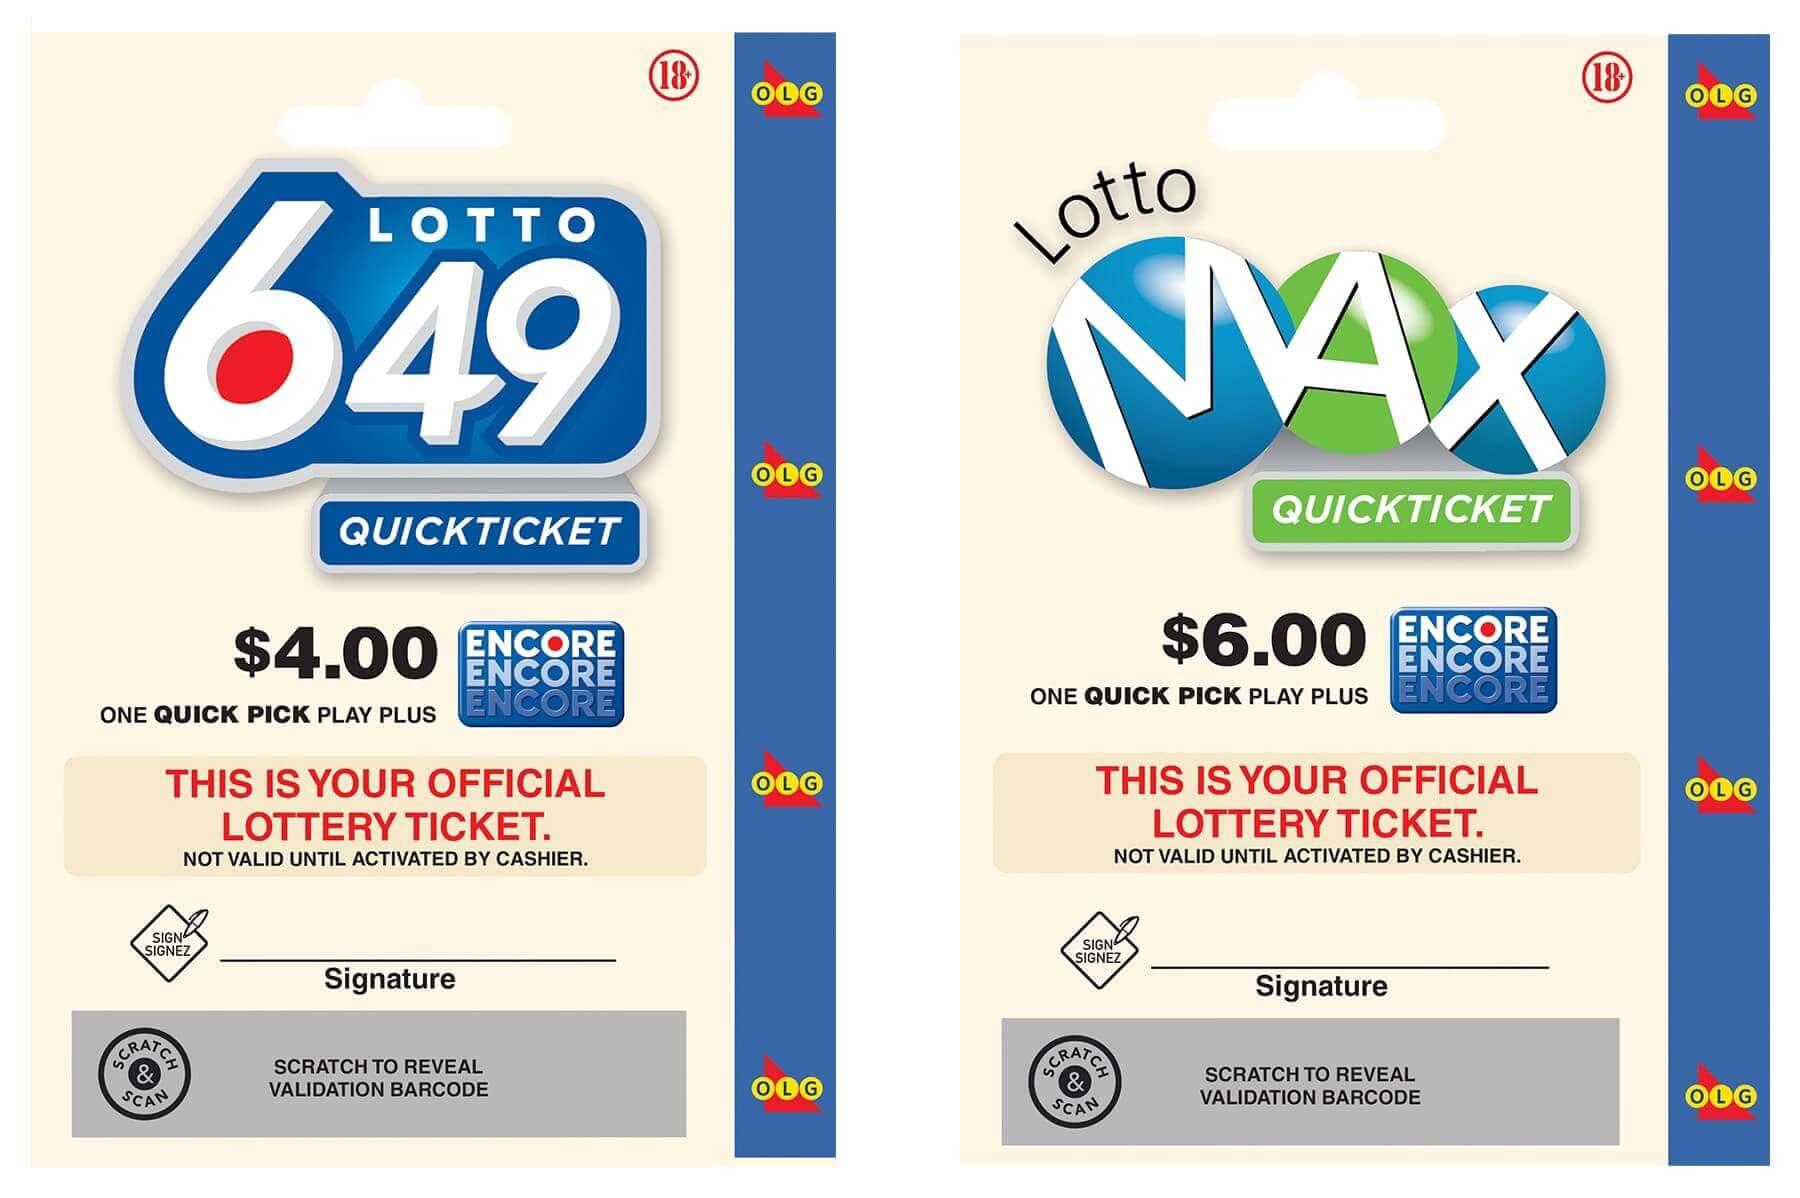 Canadisk lottolotto 6/49 - hvordan man køber en billet fra Rusland